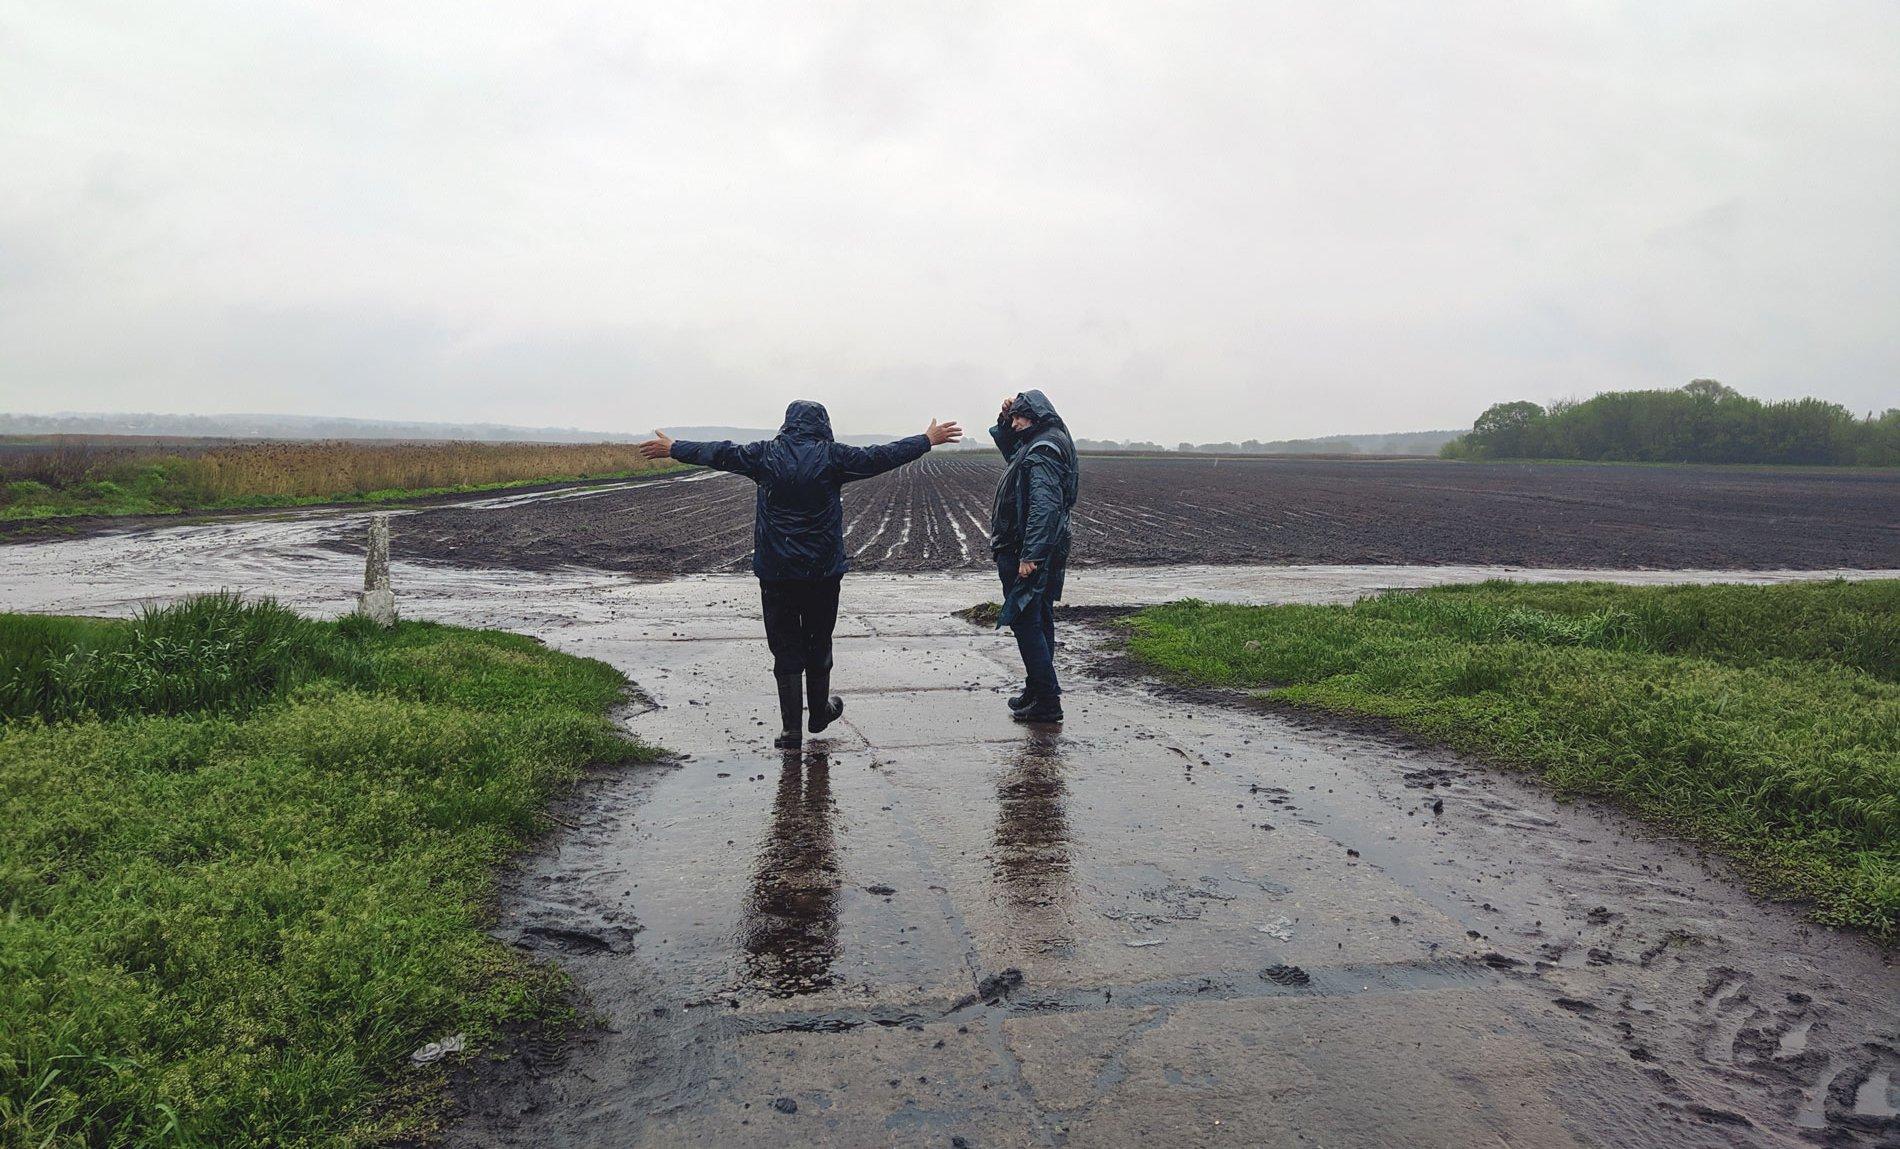 Частина торфовищ в заплаві річки Ірпінь сьогодні знову розорана